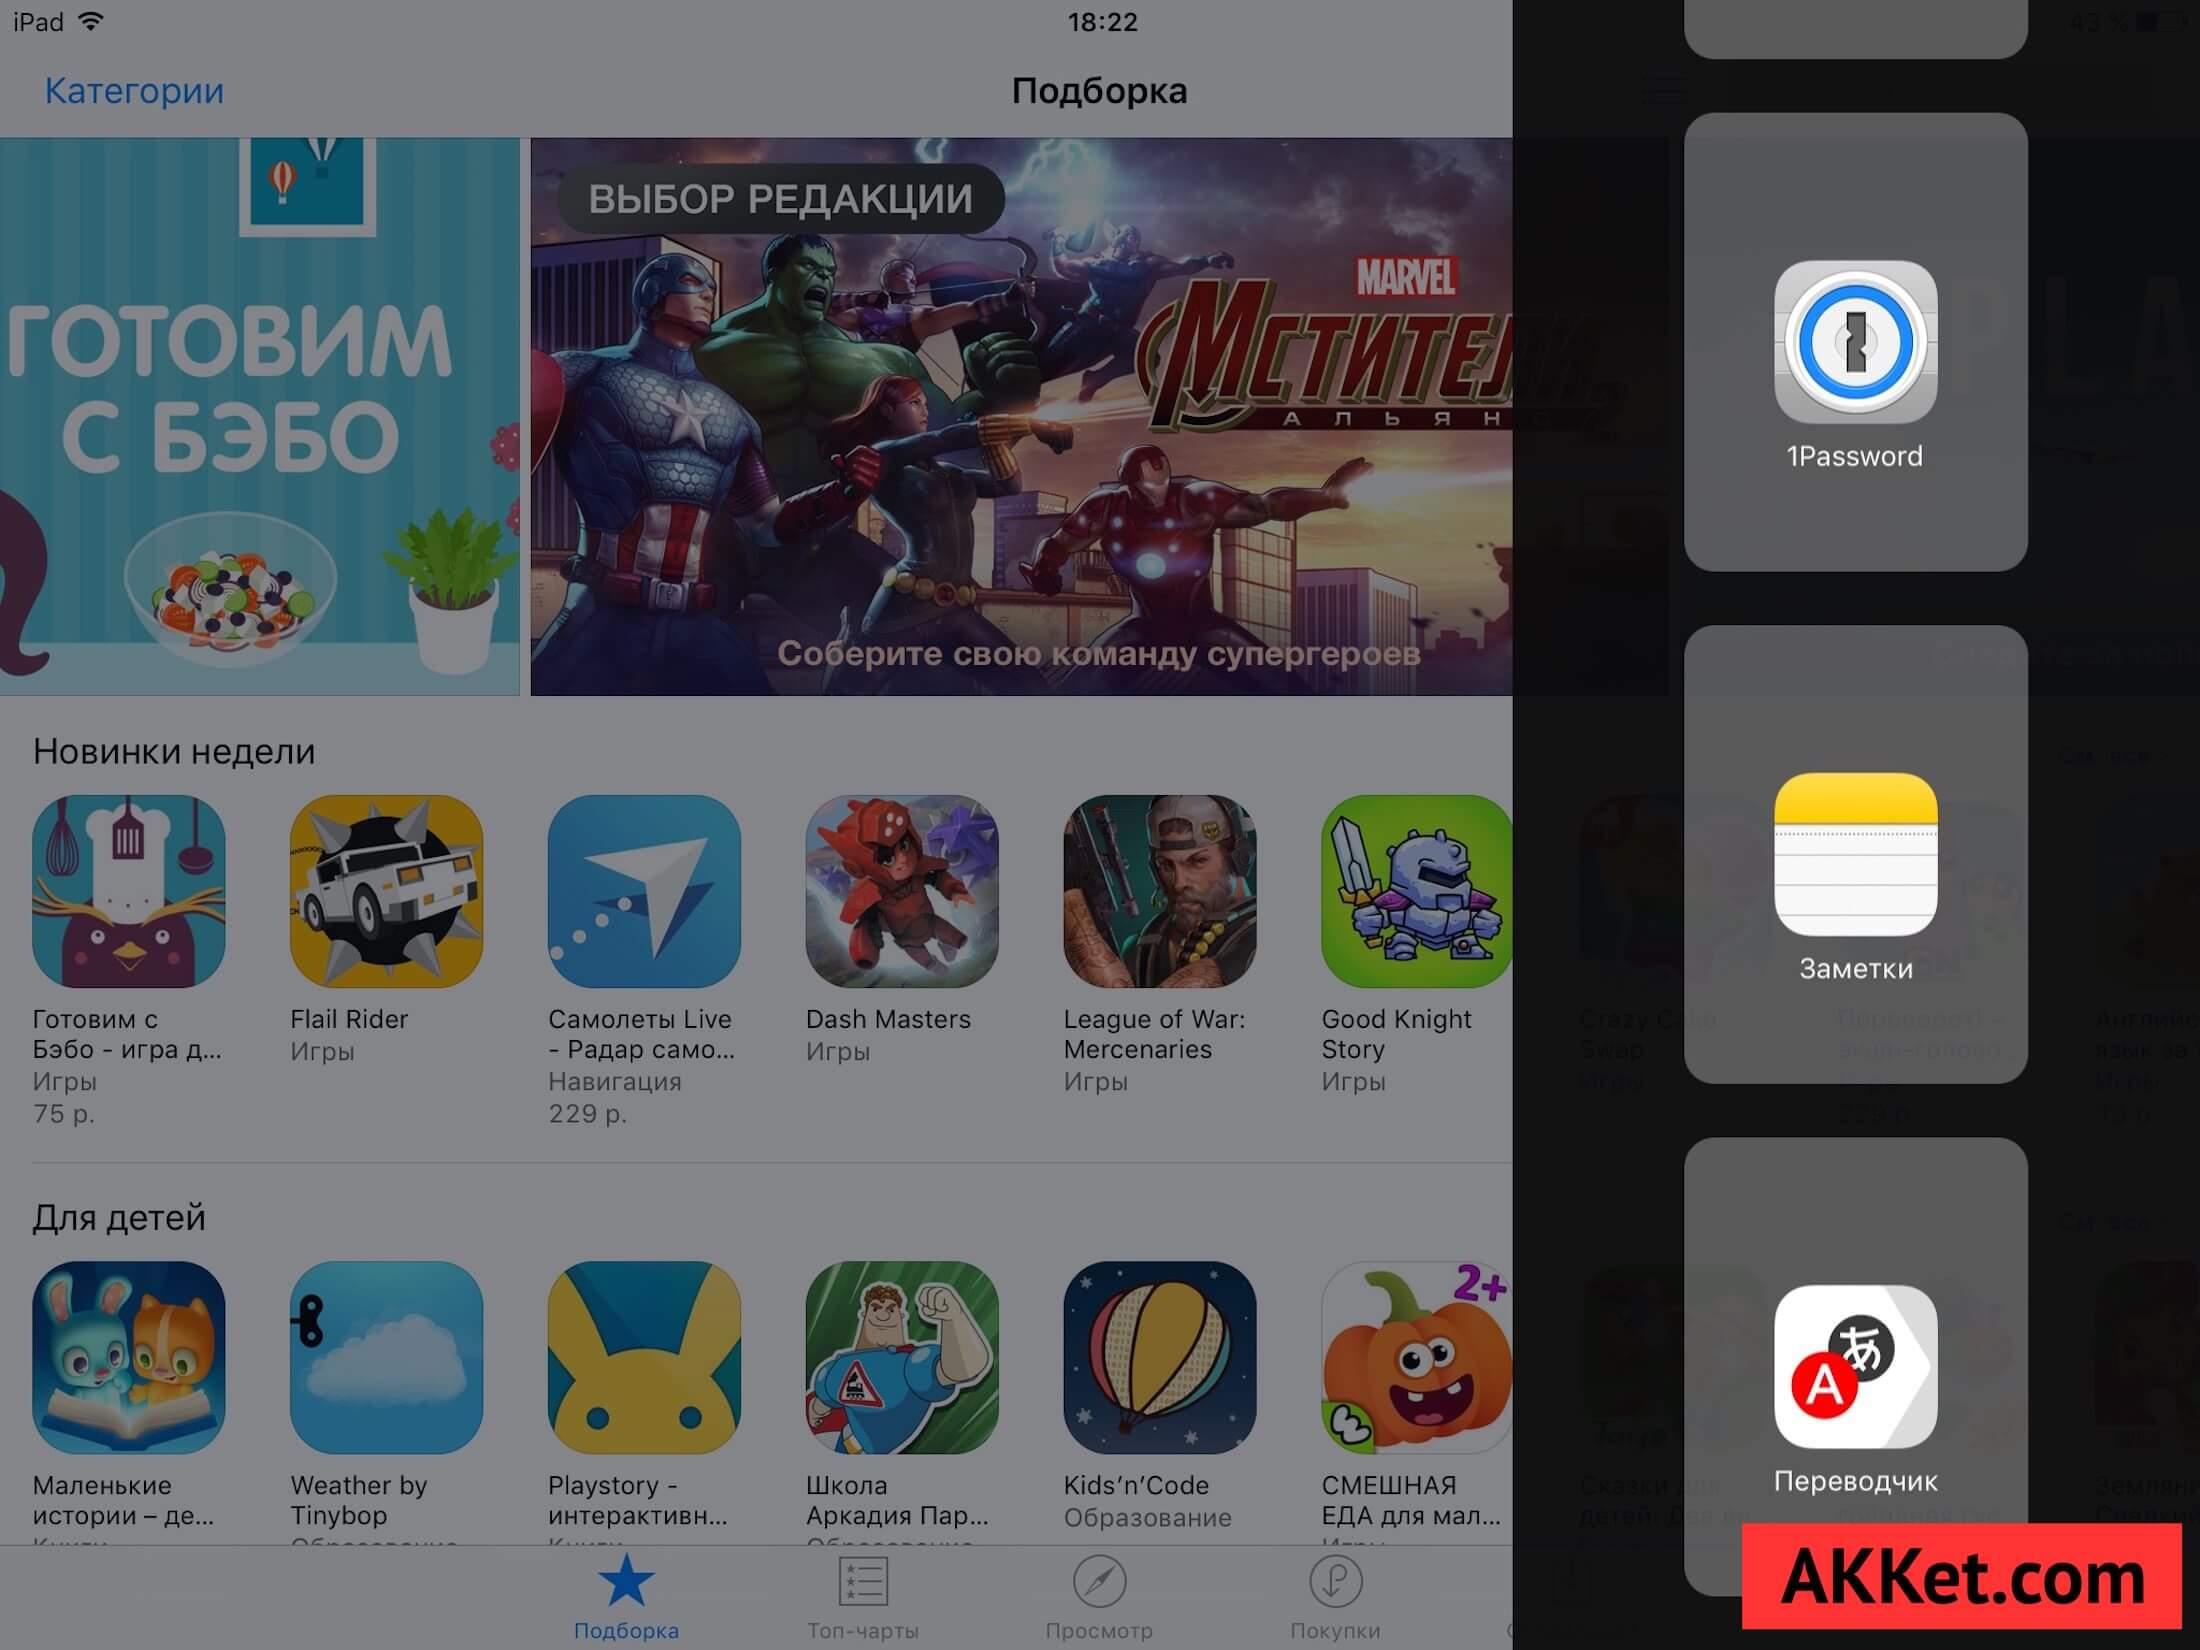 iPad mini 4 Full Review russia 8